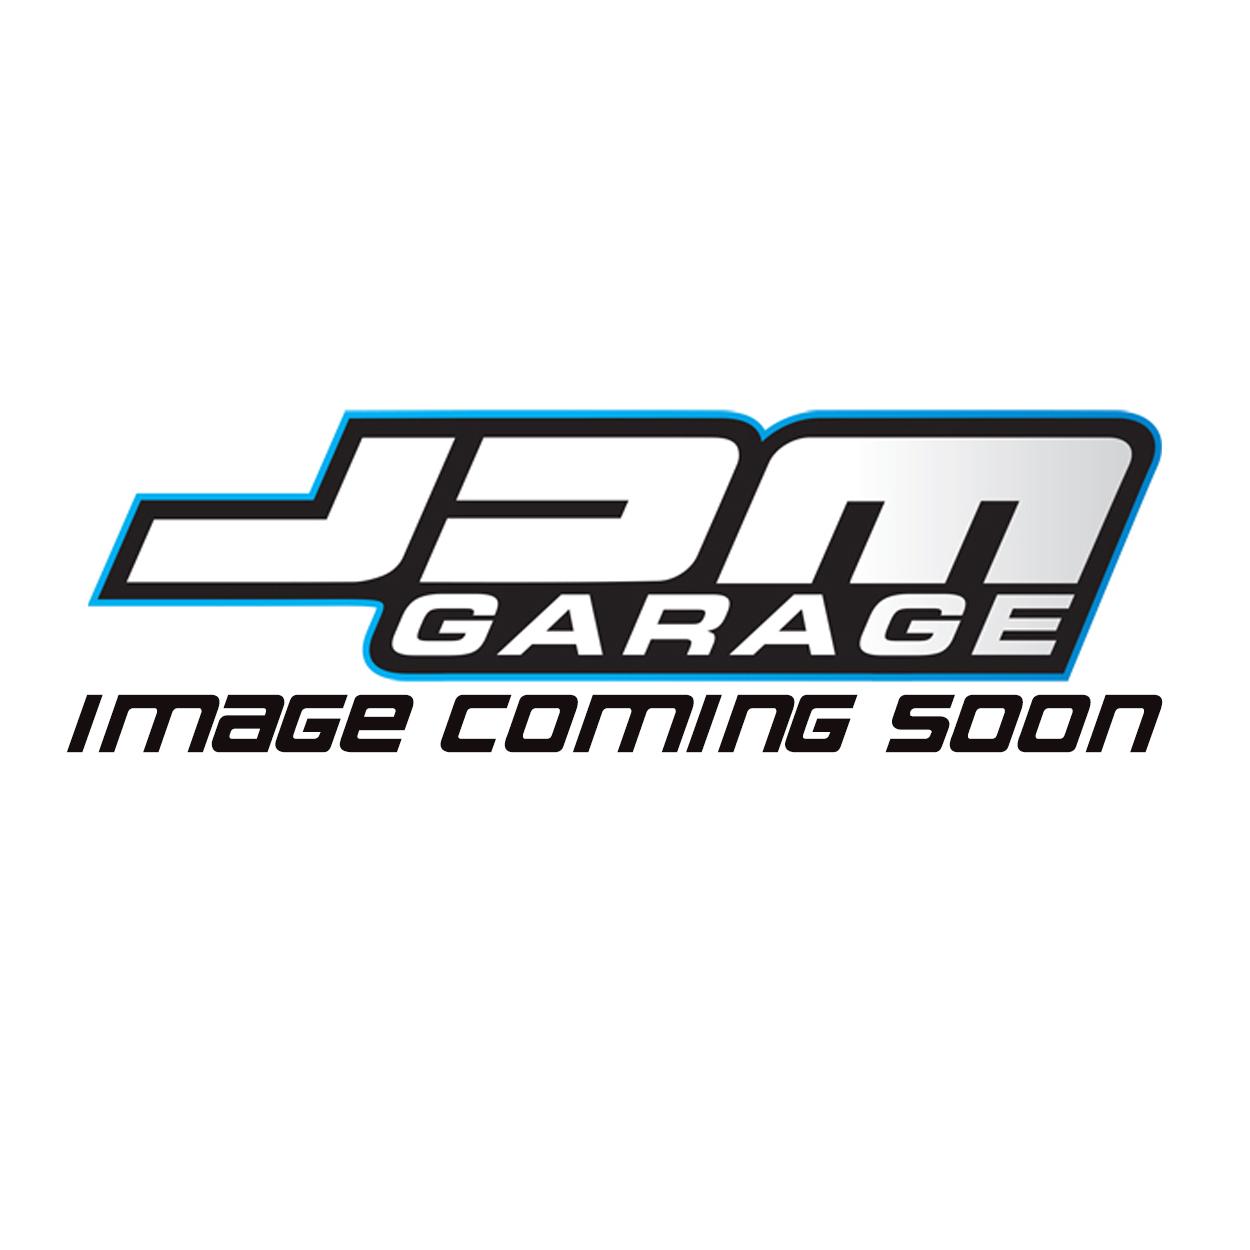 Genuine Nissan Turbo Oil Drain Gasket - T28 - SR20DET - Silvia S14 200SX / S15 (Roller Bearing) 15196-69F00